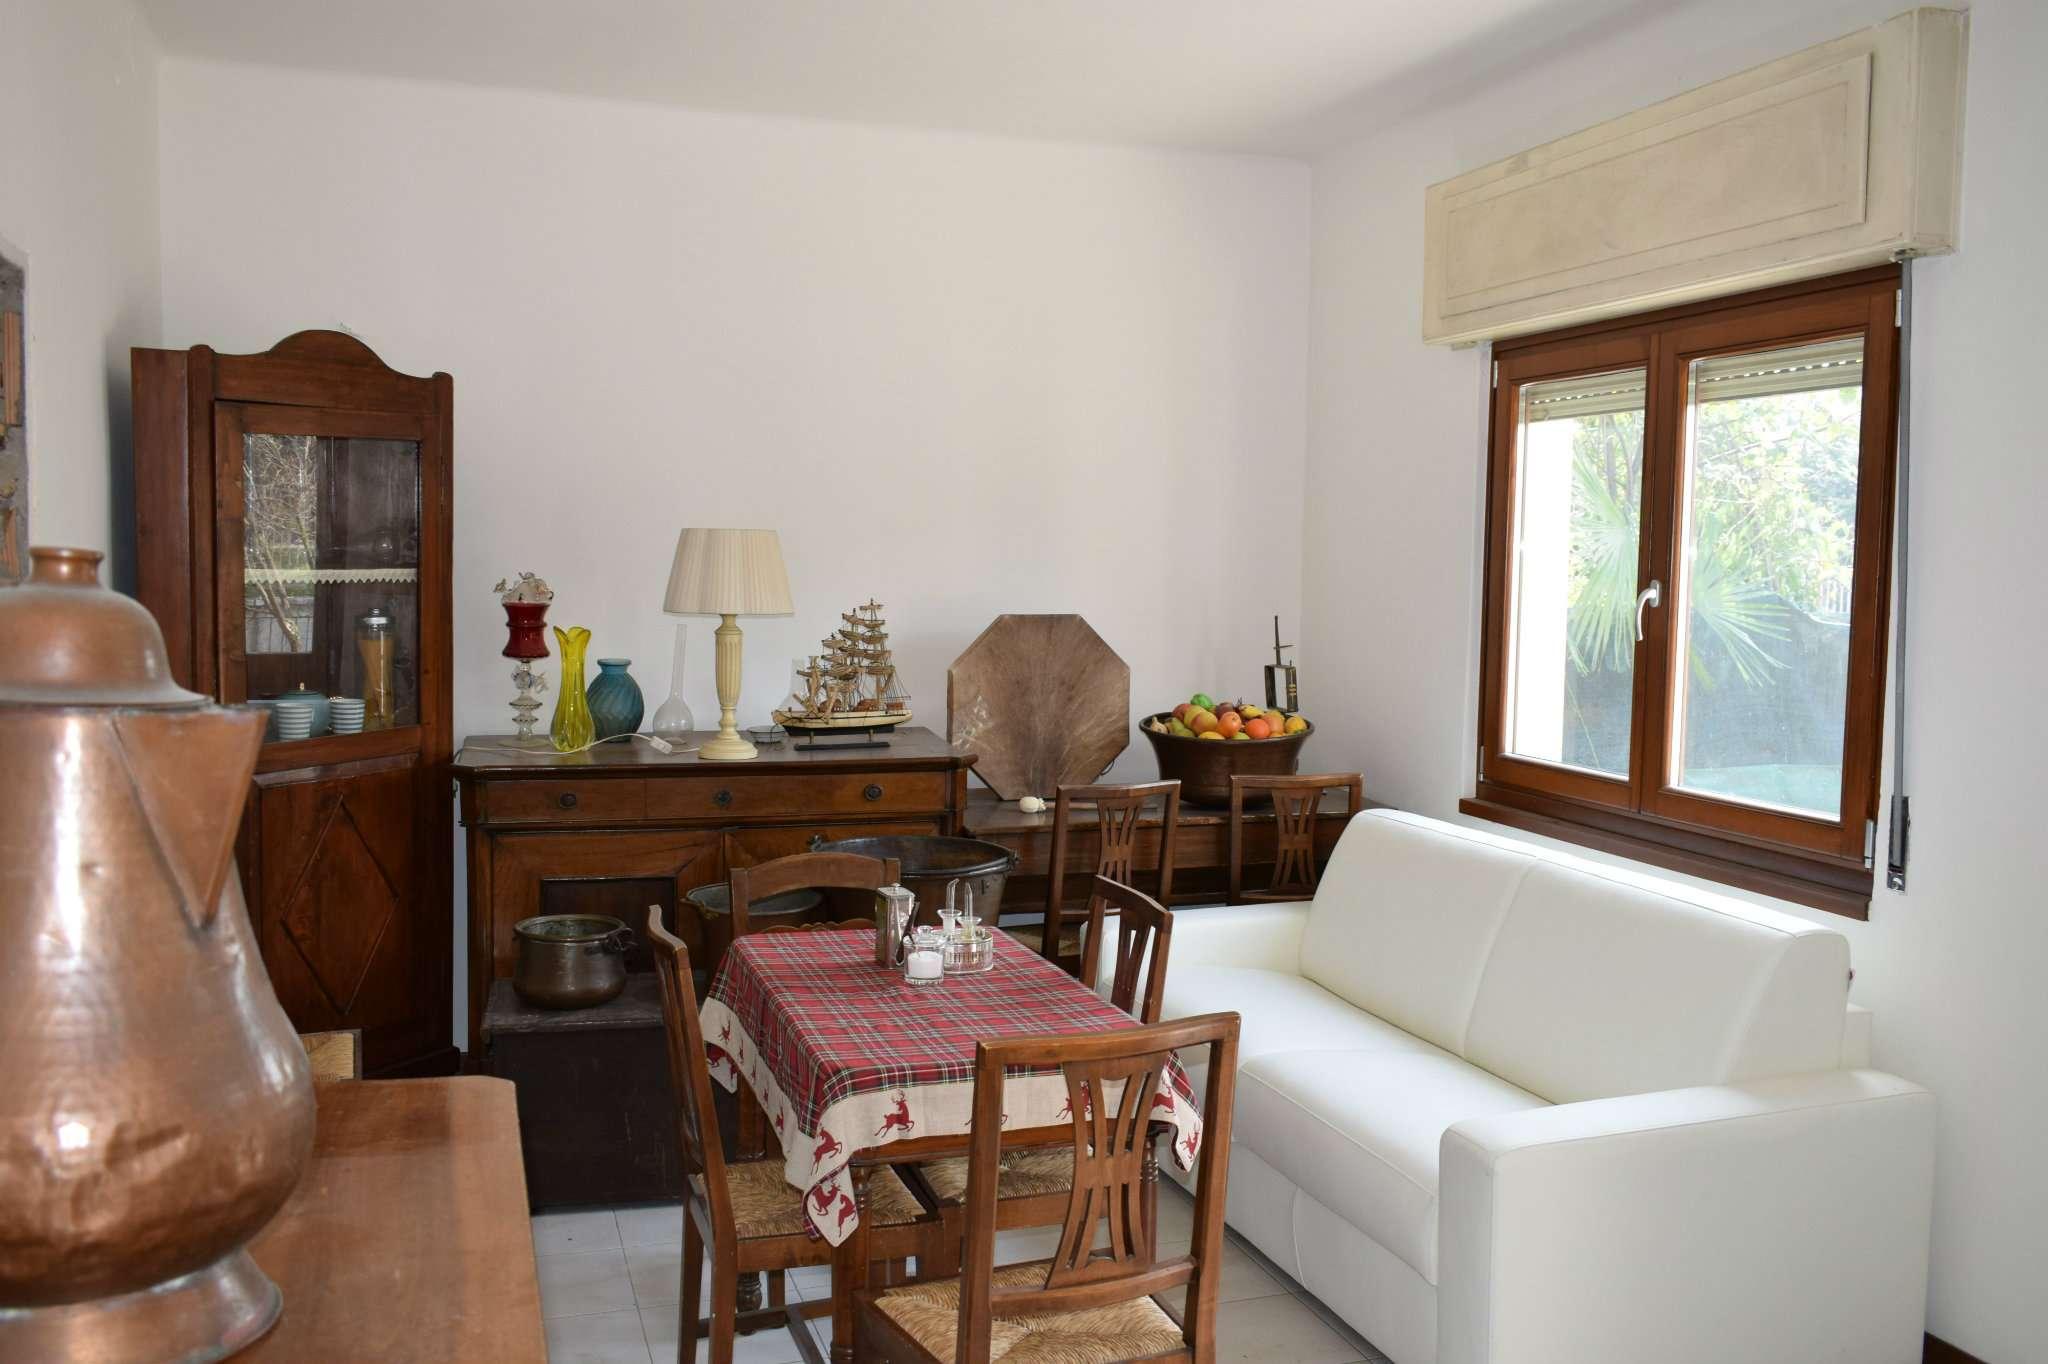 Appartamento in vendita a San Pietro in Cariano, 3 locali, prezzo € 165.000 | CambioCasa.it